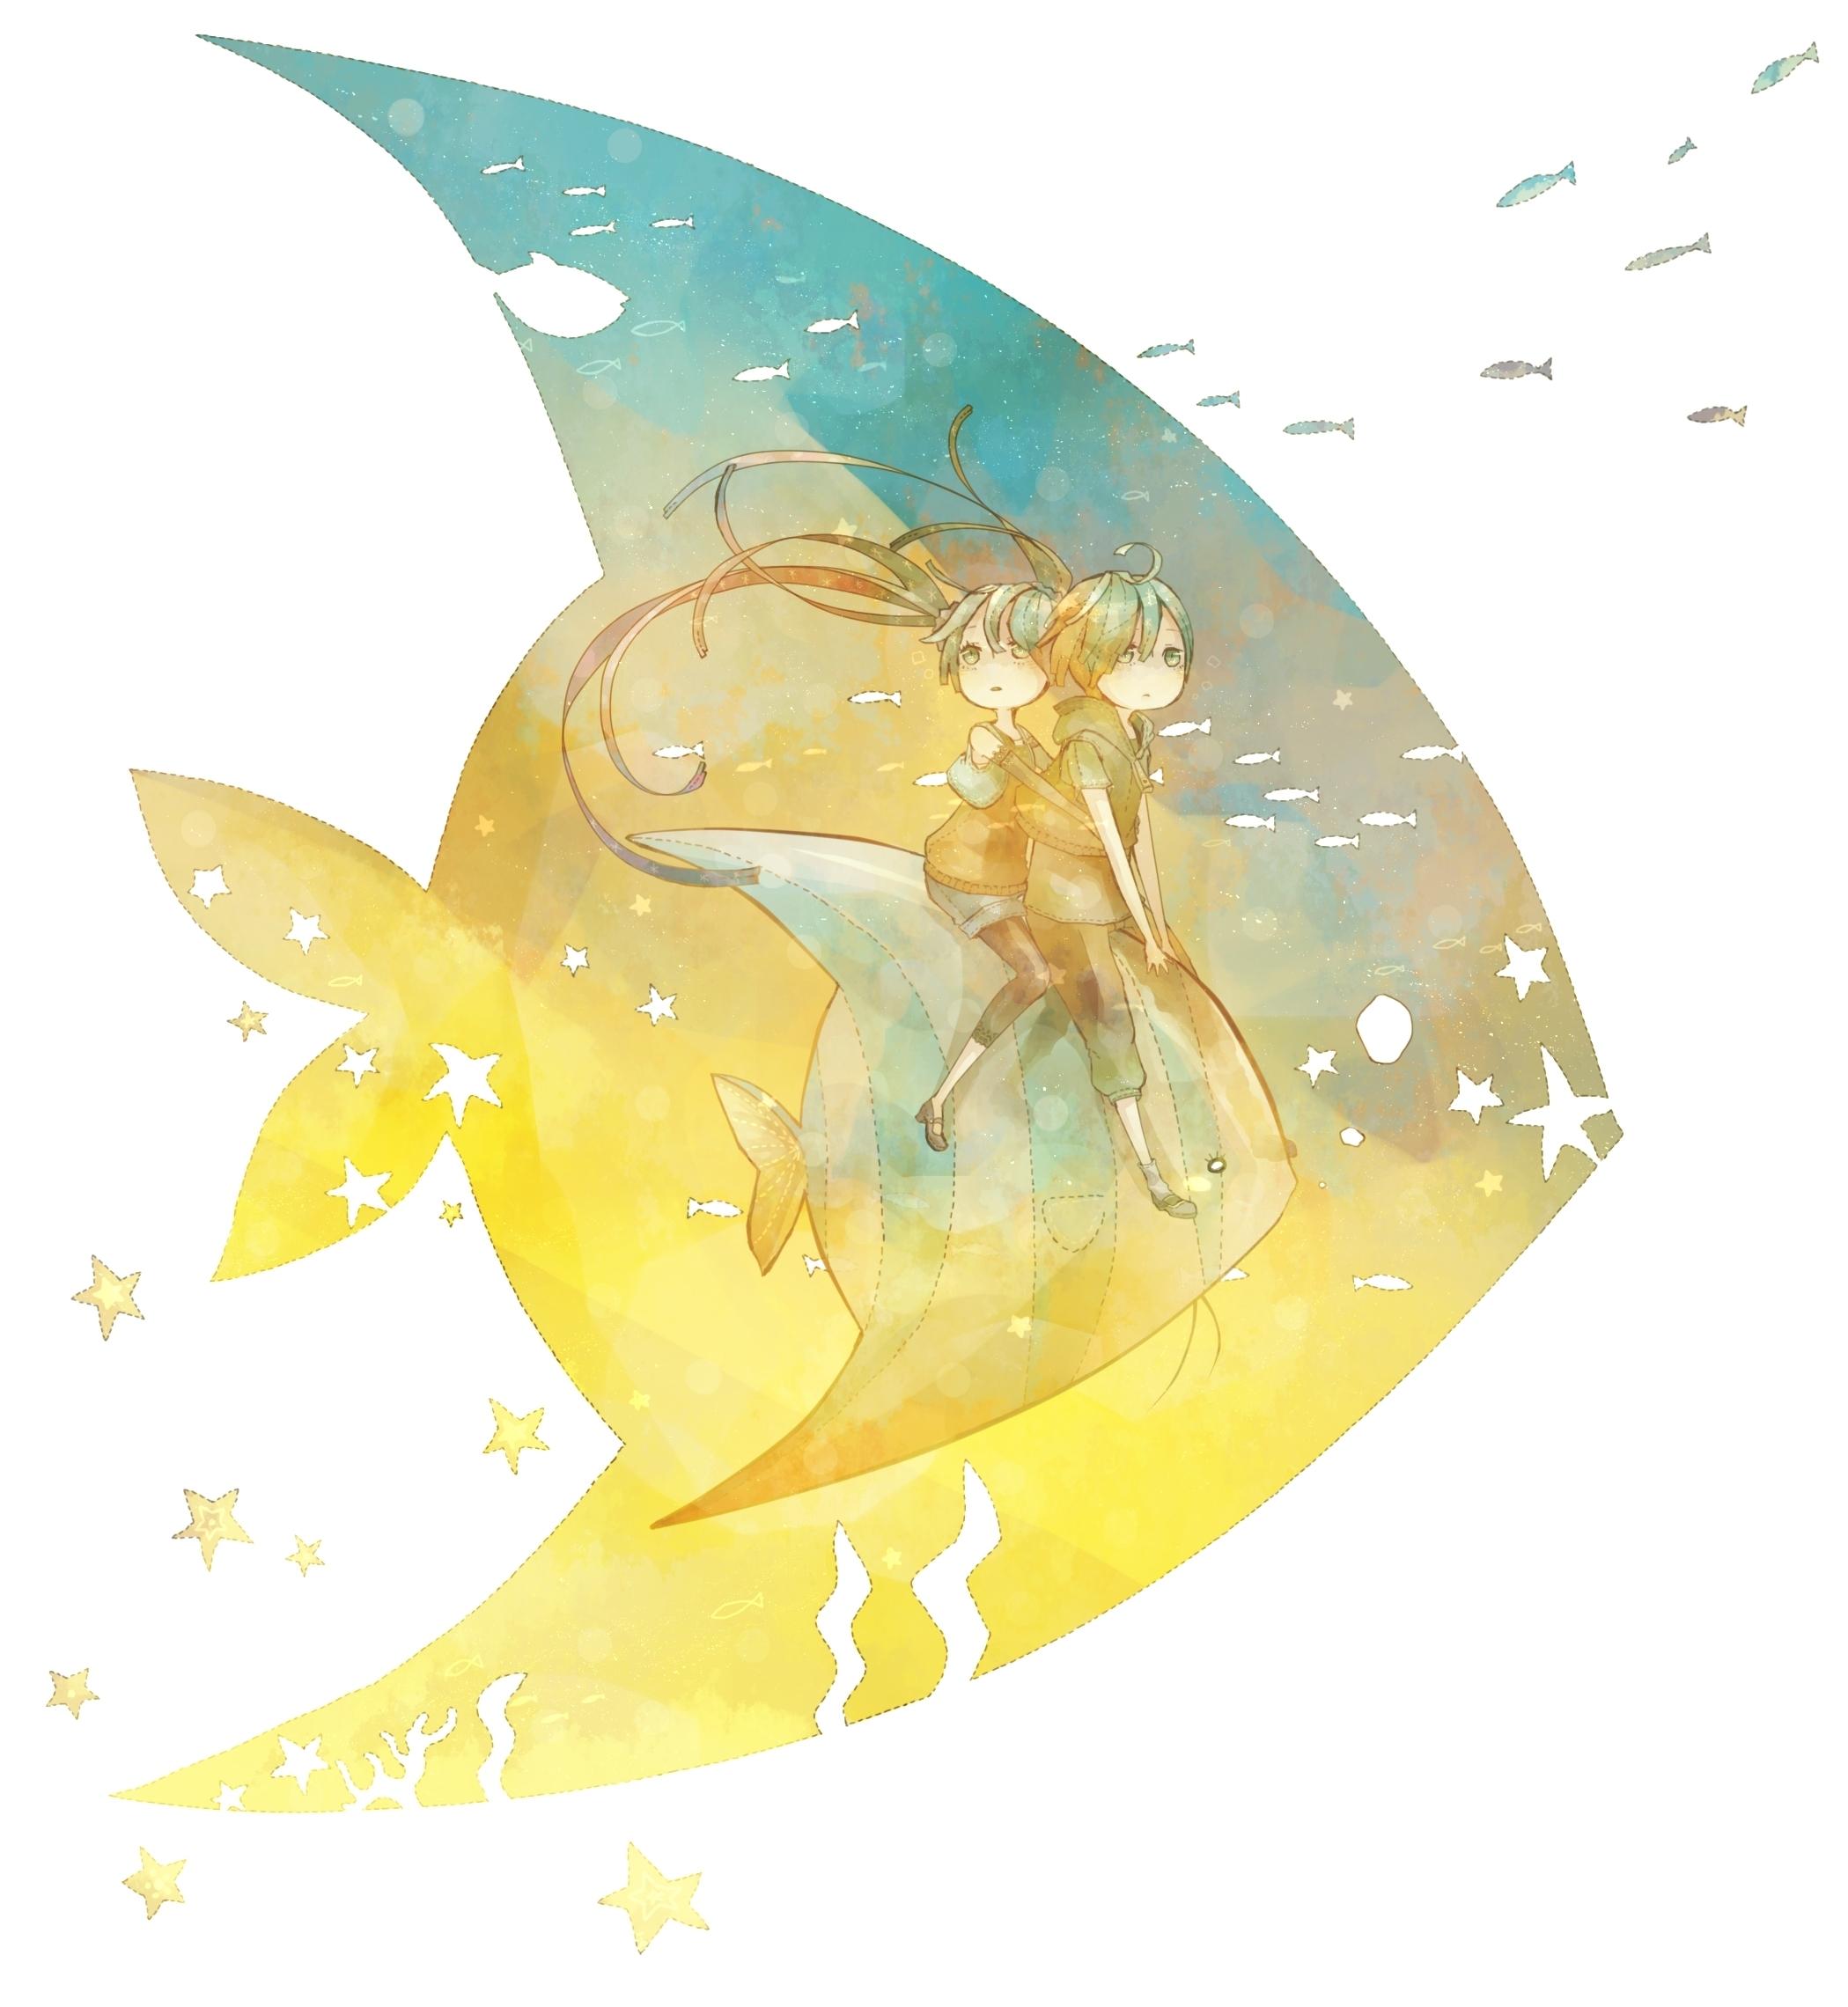 Картинки аниме скачать для рабочего стола, рисунки рыба